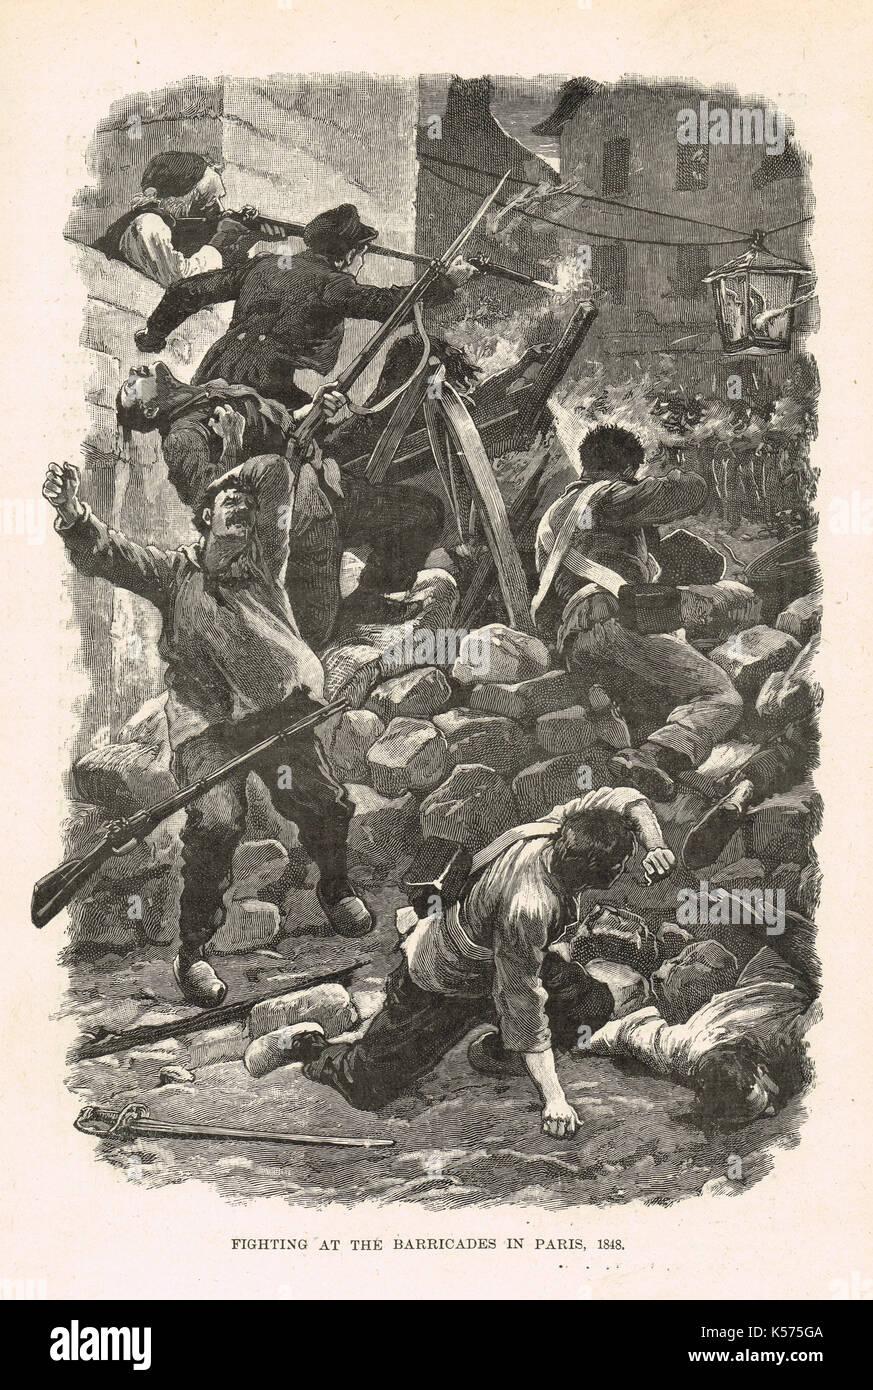 Kämpfe auf den Barrikaden in Paris, Französische Revolution von 1848 Stockbild